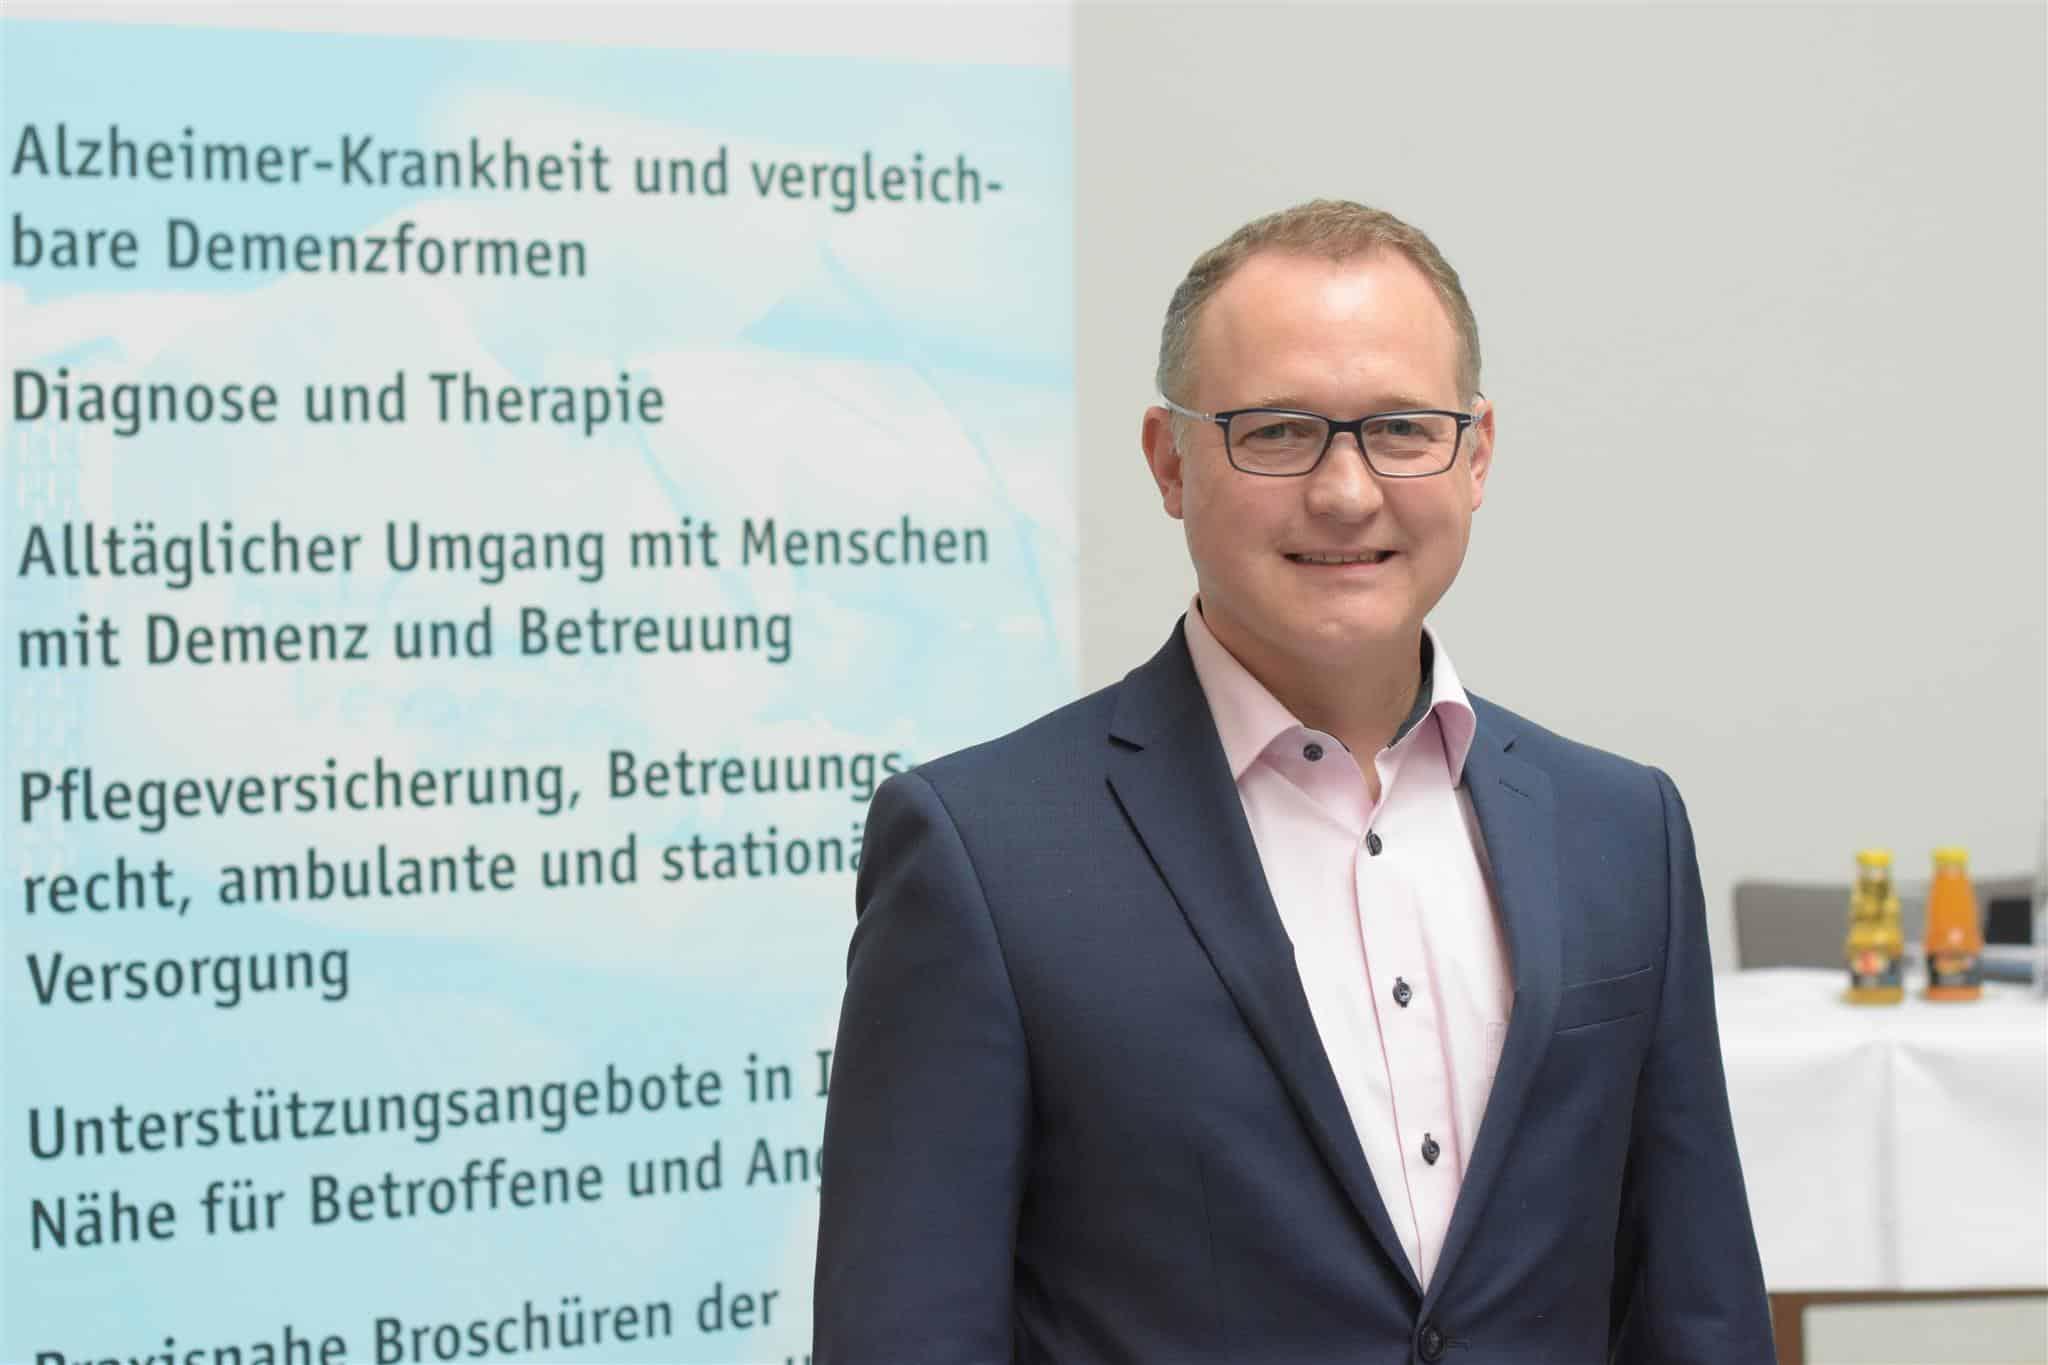 Dr. Thelen auf Azheimer-NRW